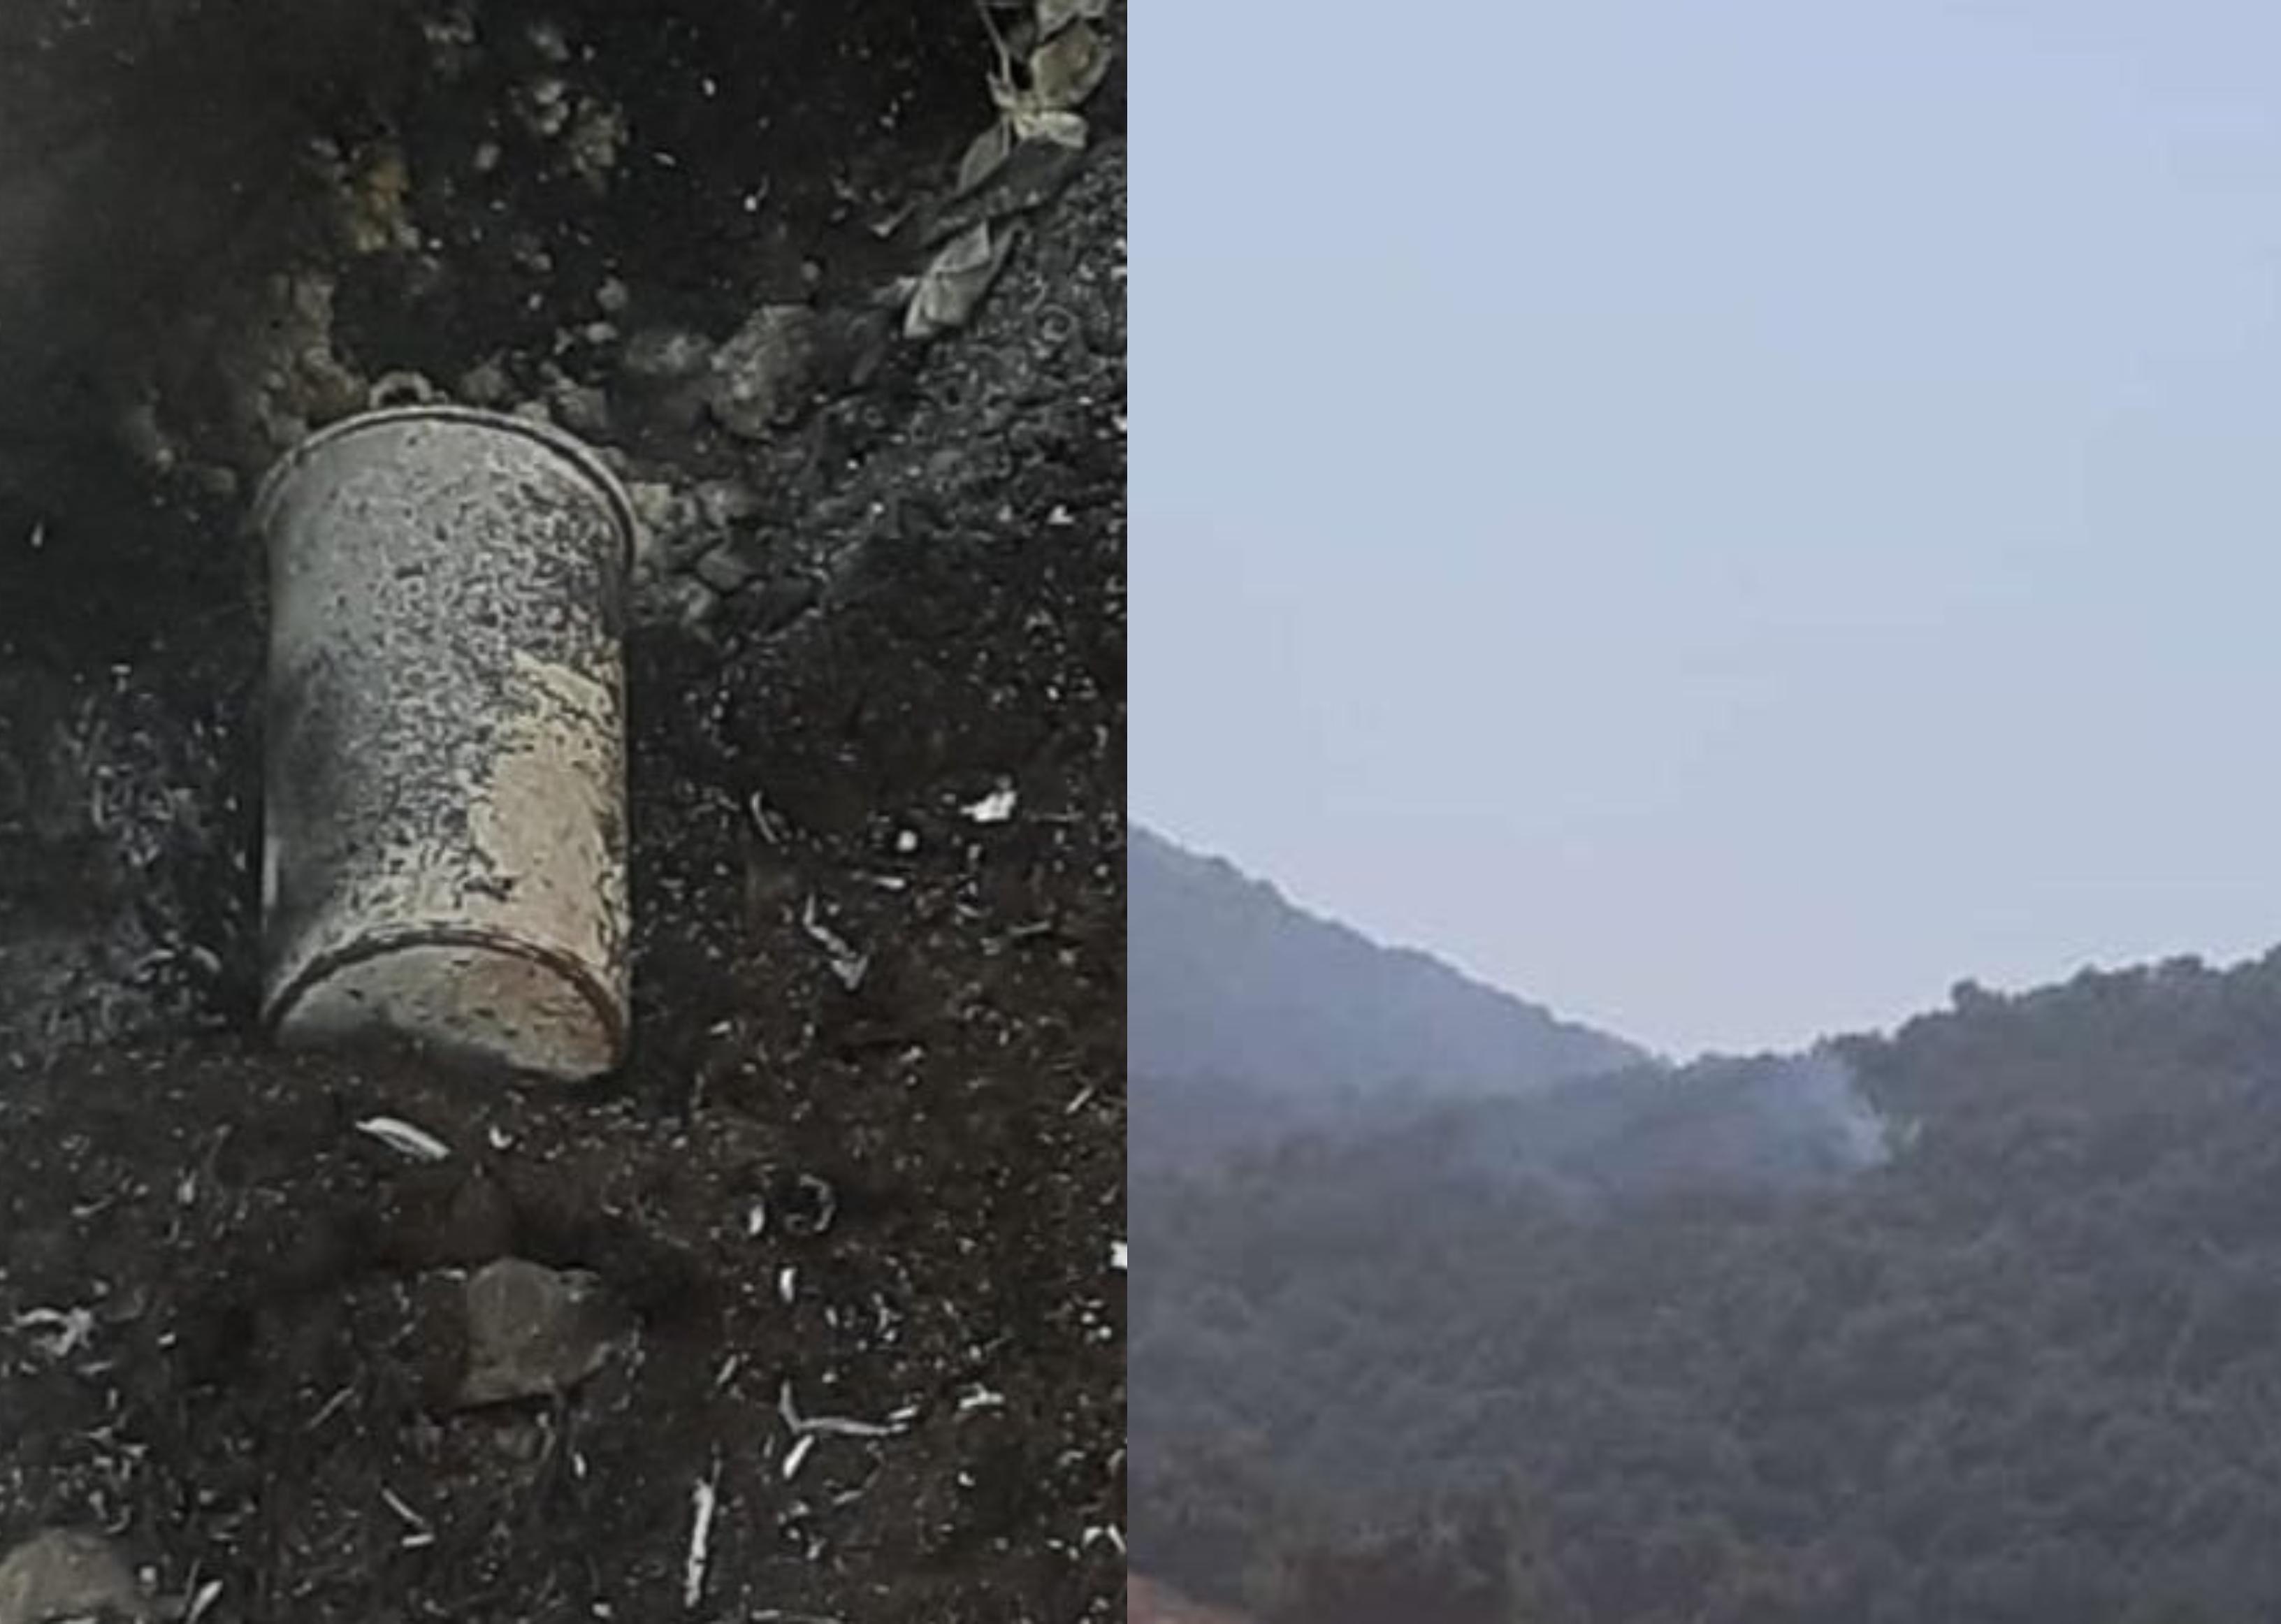 بالصور والفيديو/ هذه هي  القنابل الحارقة التي رمتها طائرة مسيرة في الاحراج اللبنانية في مزرعة بسطره....وأهالي كفرشوبا وحلتا يطفئون النار التي أشعلتها